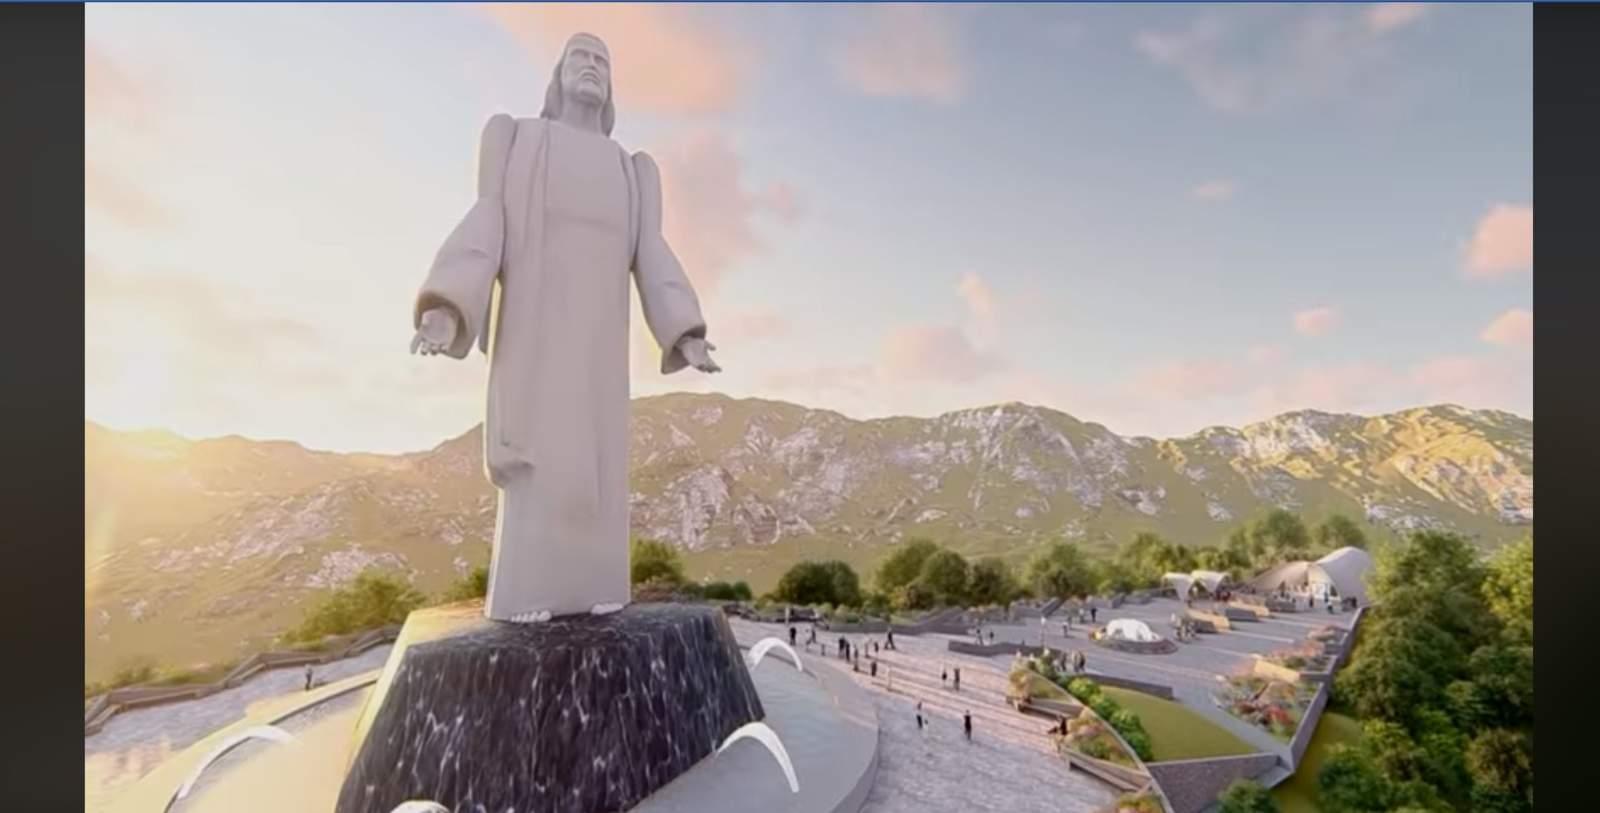 Tendrá Nuevo León un Cristo más alto que el de Brasil